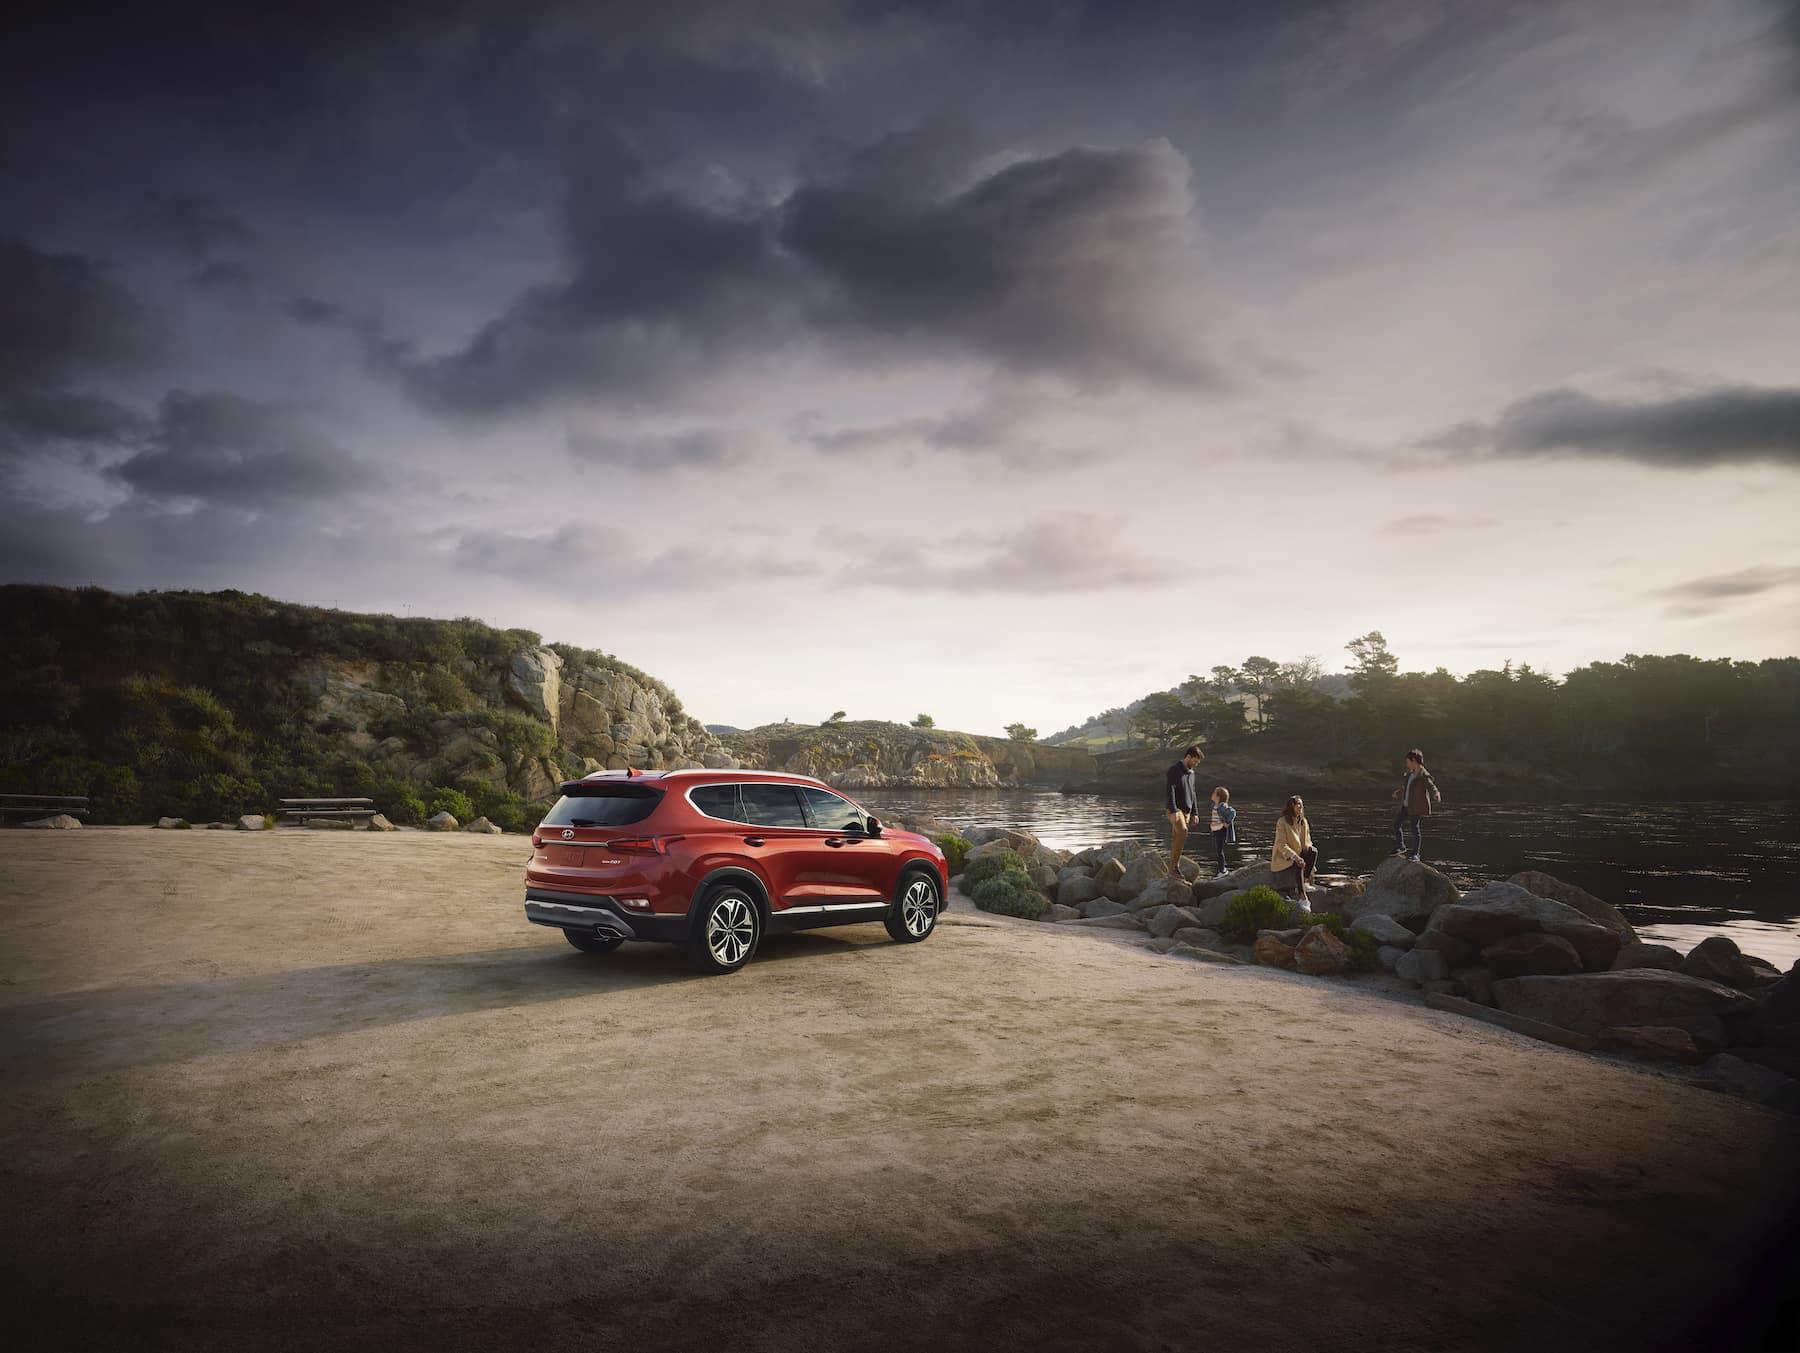 Washington Hyundai is a Hyundai Dealership in Washington near Steubenville, OH | 2021 Hyundai Palisade parked by lake